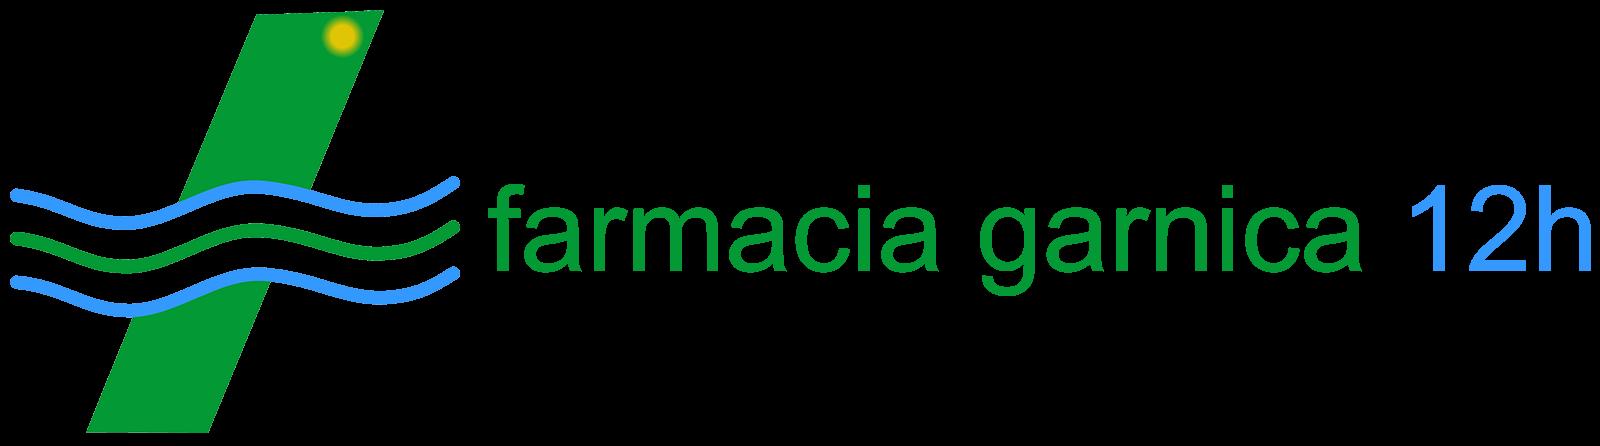 Farmacia Garnica 12h